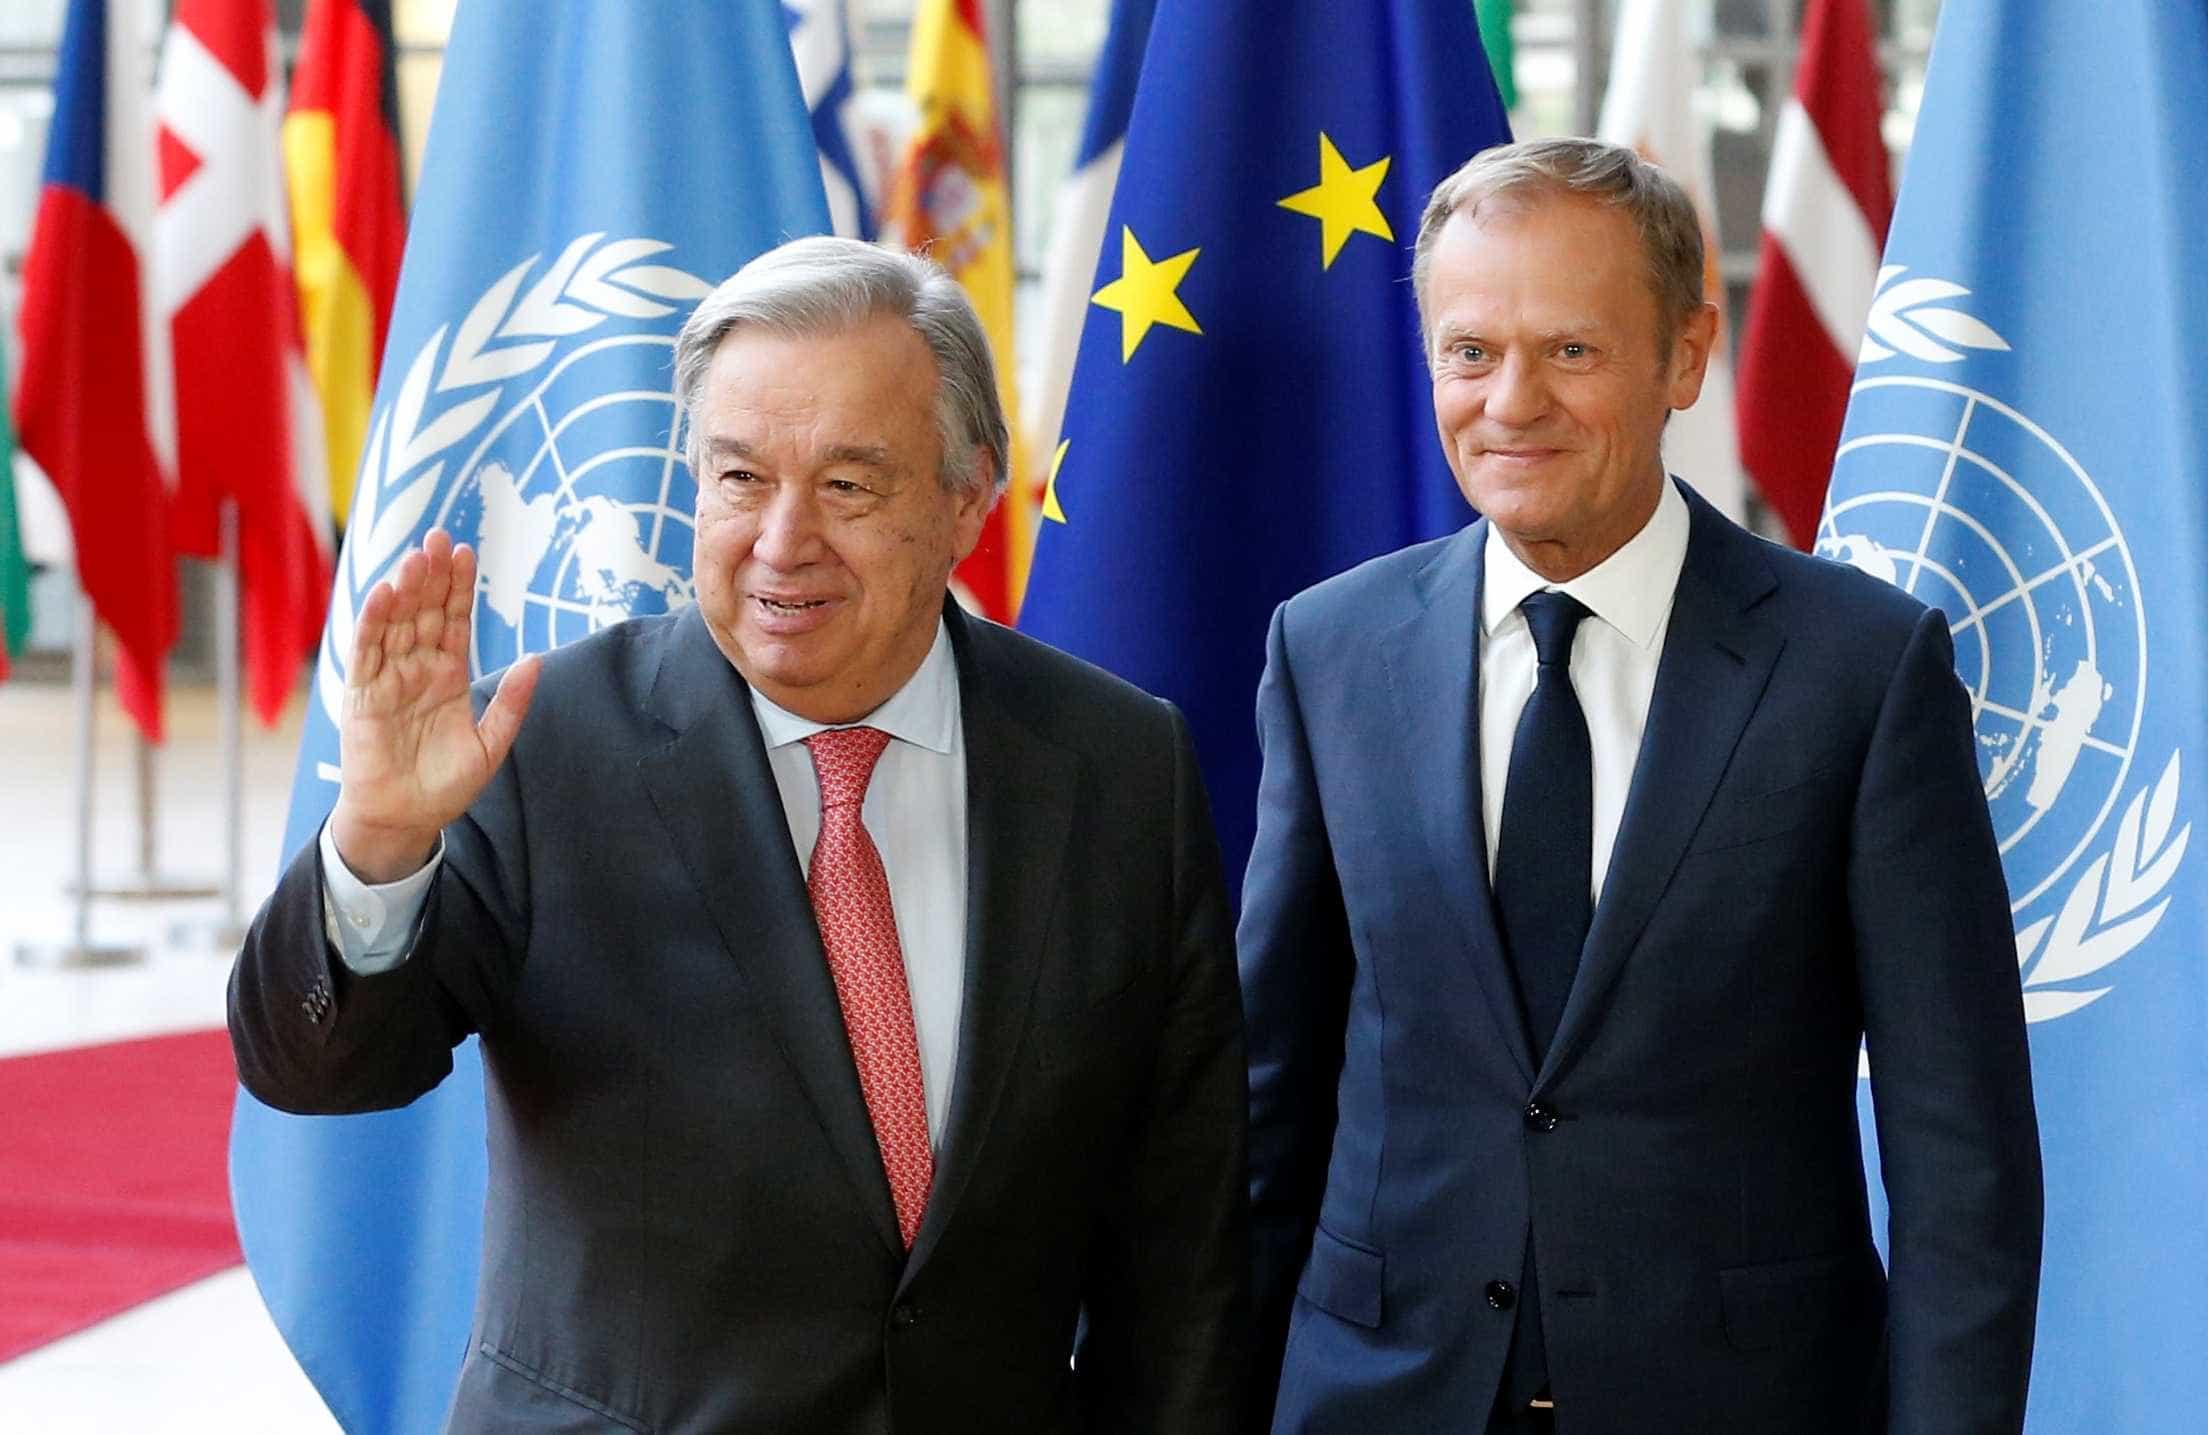 UE ameaça responder a sanções dos Estados Unidos de forma proporcional